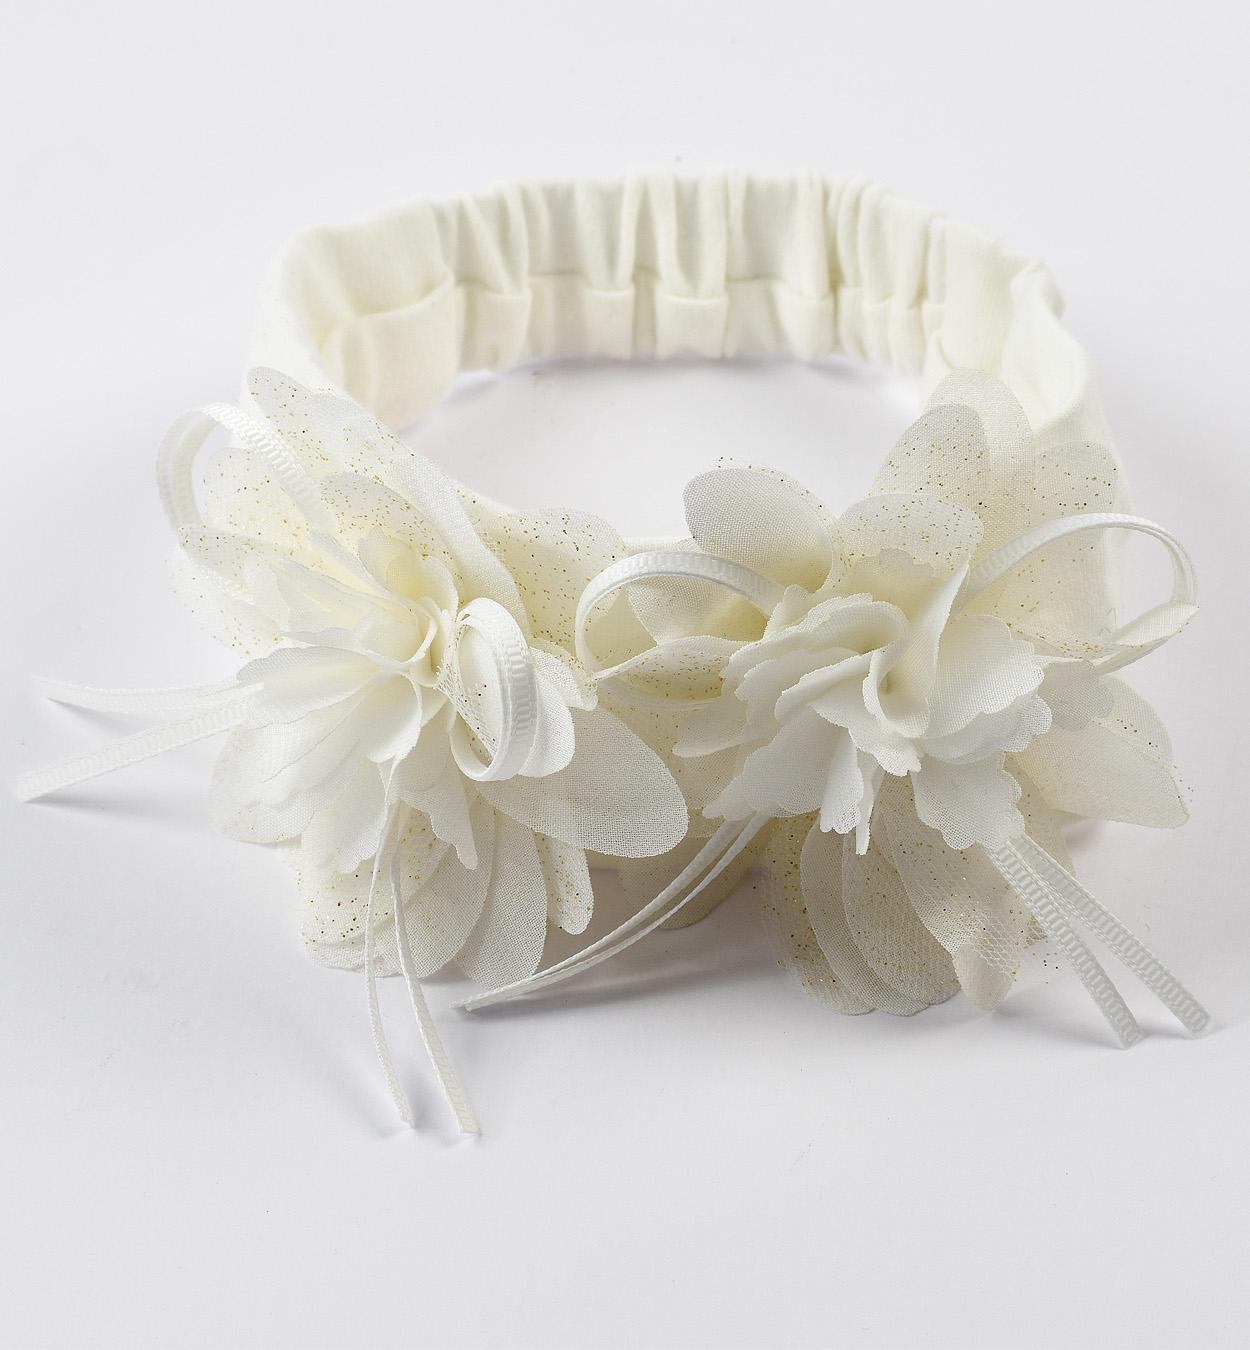 Sarabanda fehér virágos újszülött kislány hajpánt keresztelőre